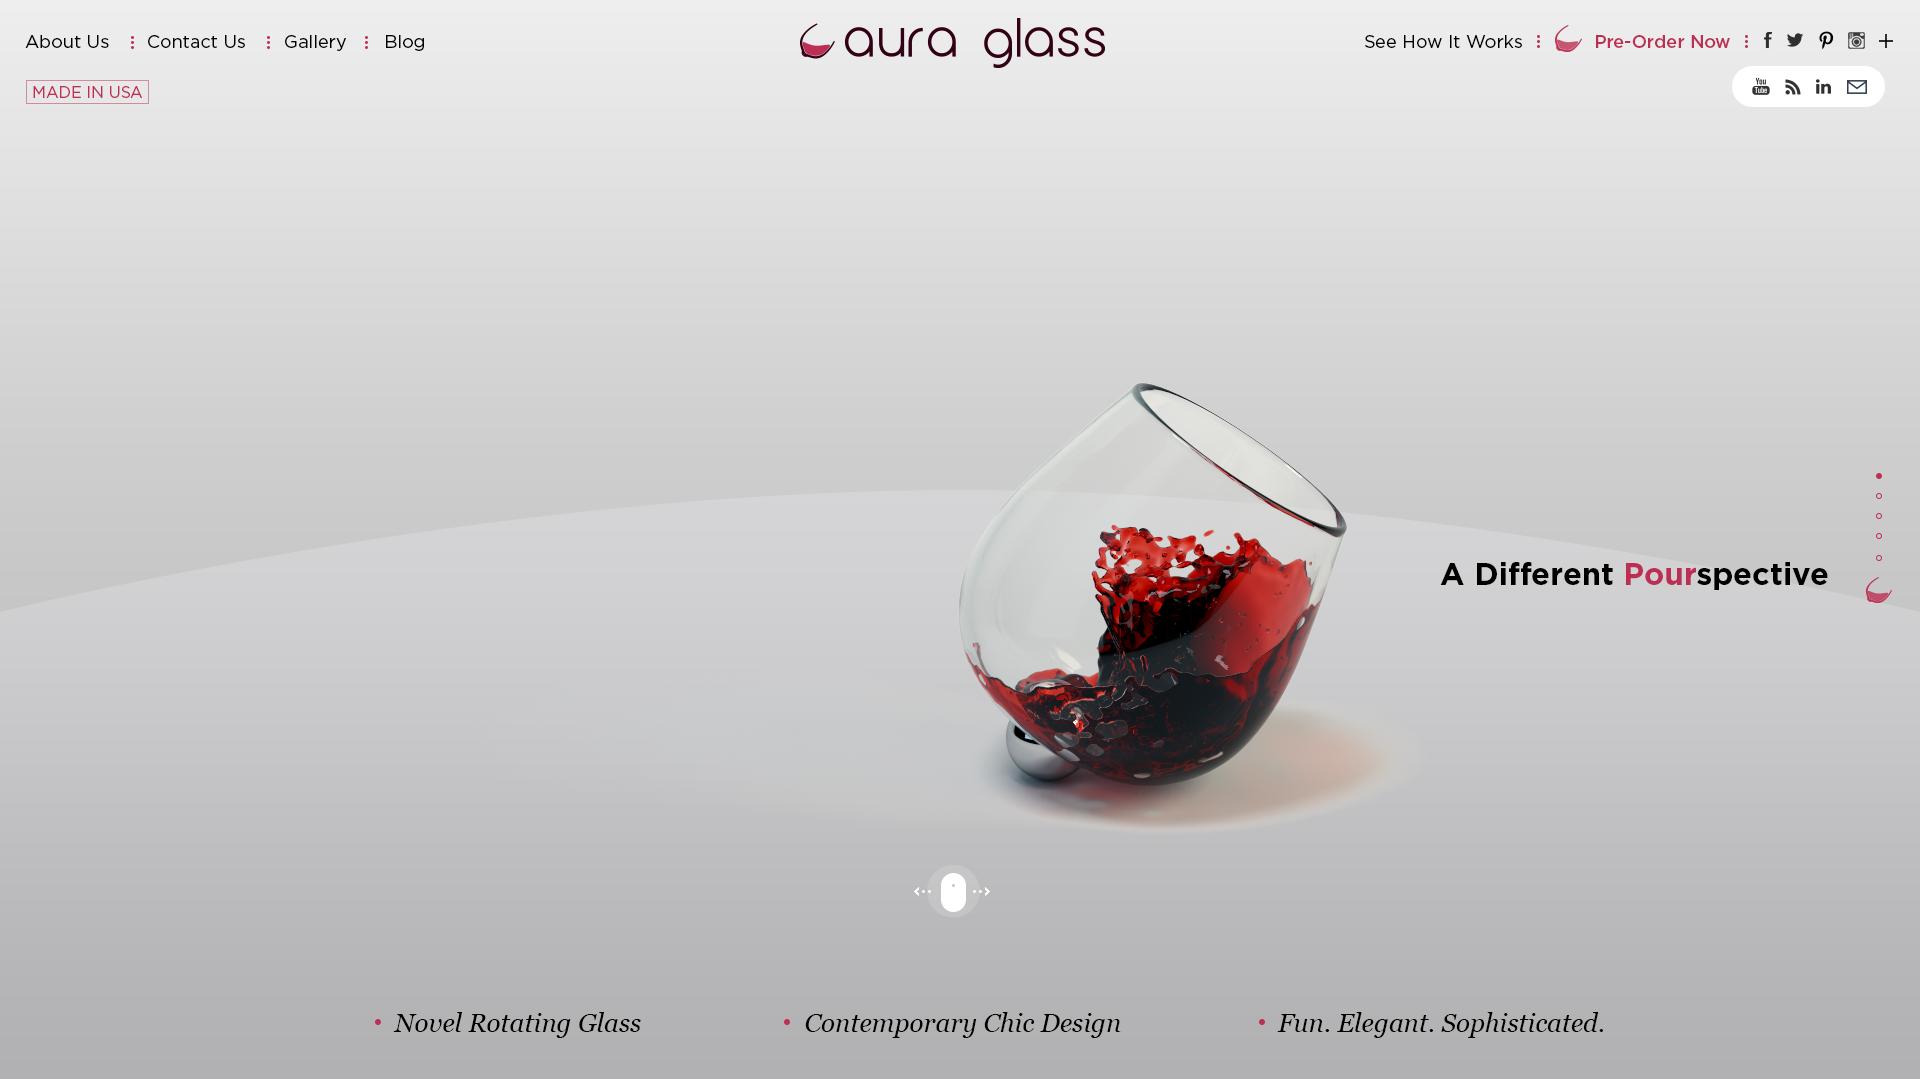 Aura glass Website Design Preview